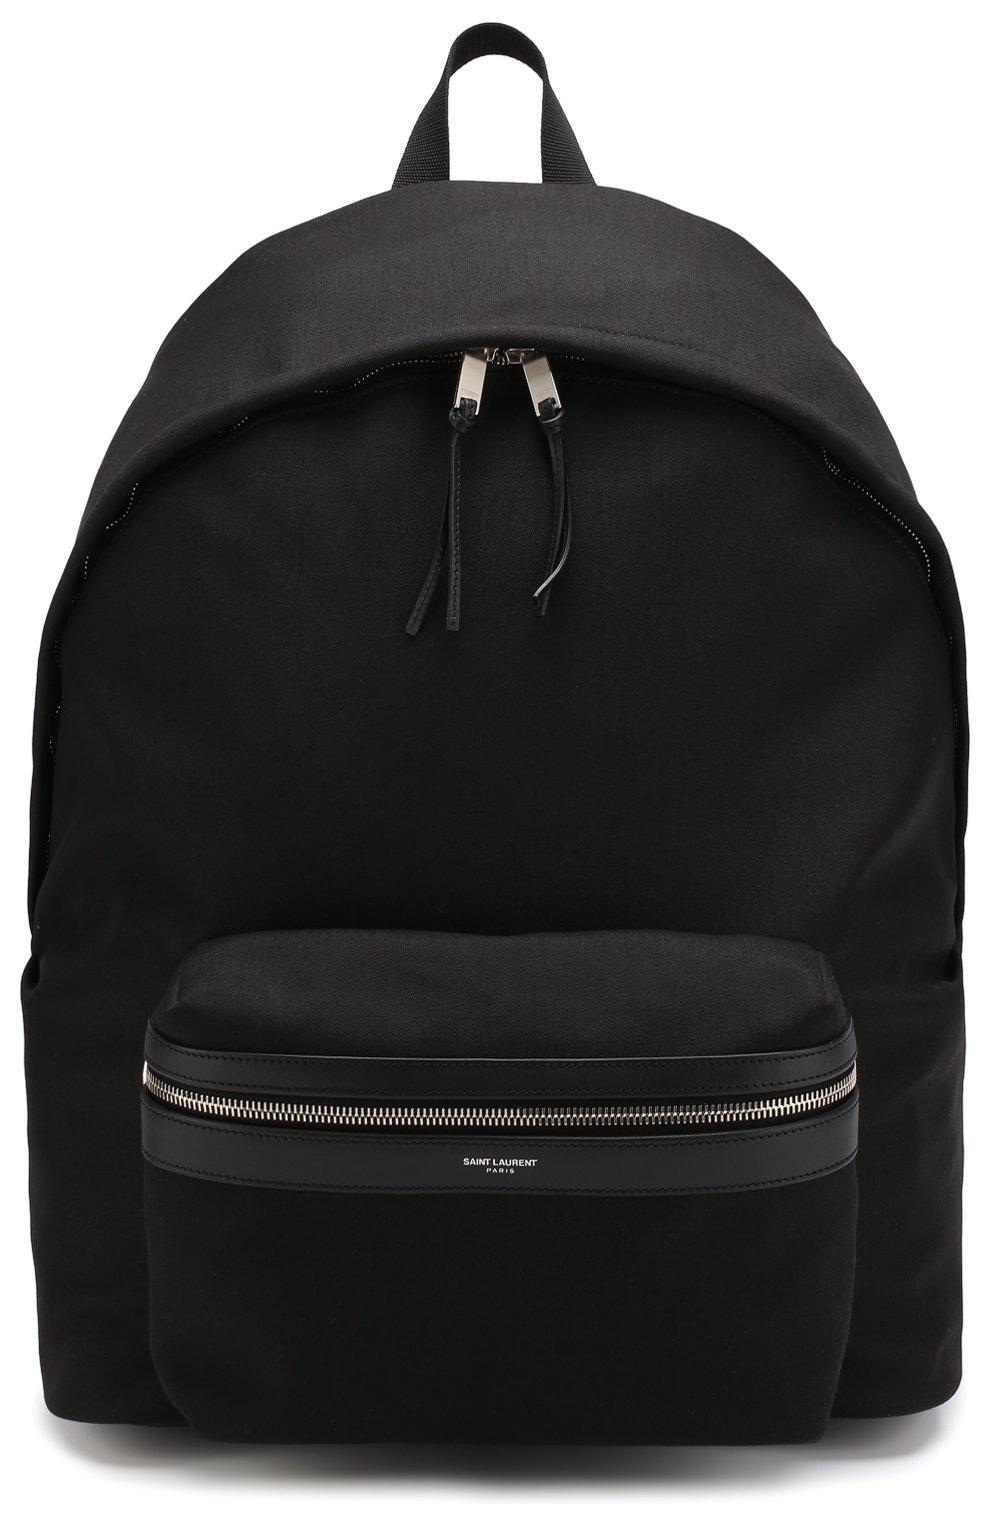 Текстильный рюкзак City с внешним карманом на молнии | Фото №1